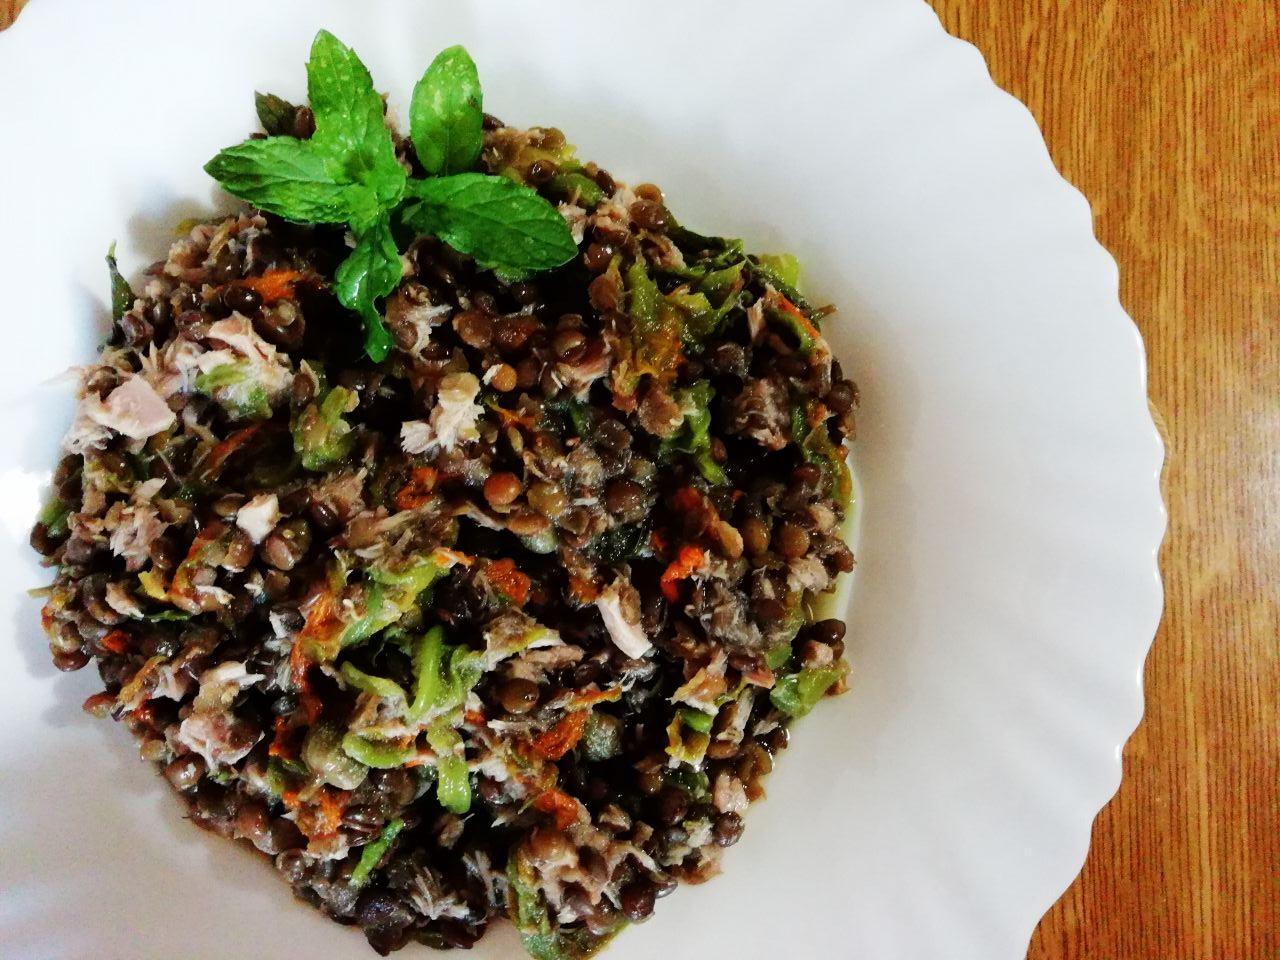 Ricette primaverili: insalata di lenticchie con fiori di zucchina e tonno!